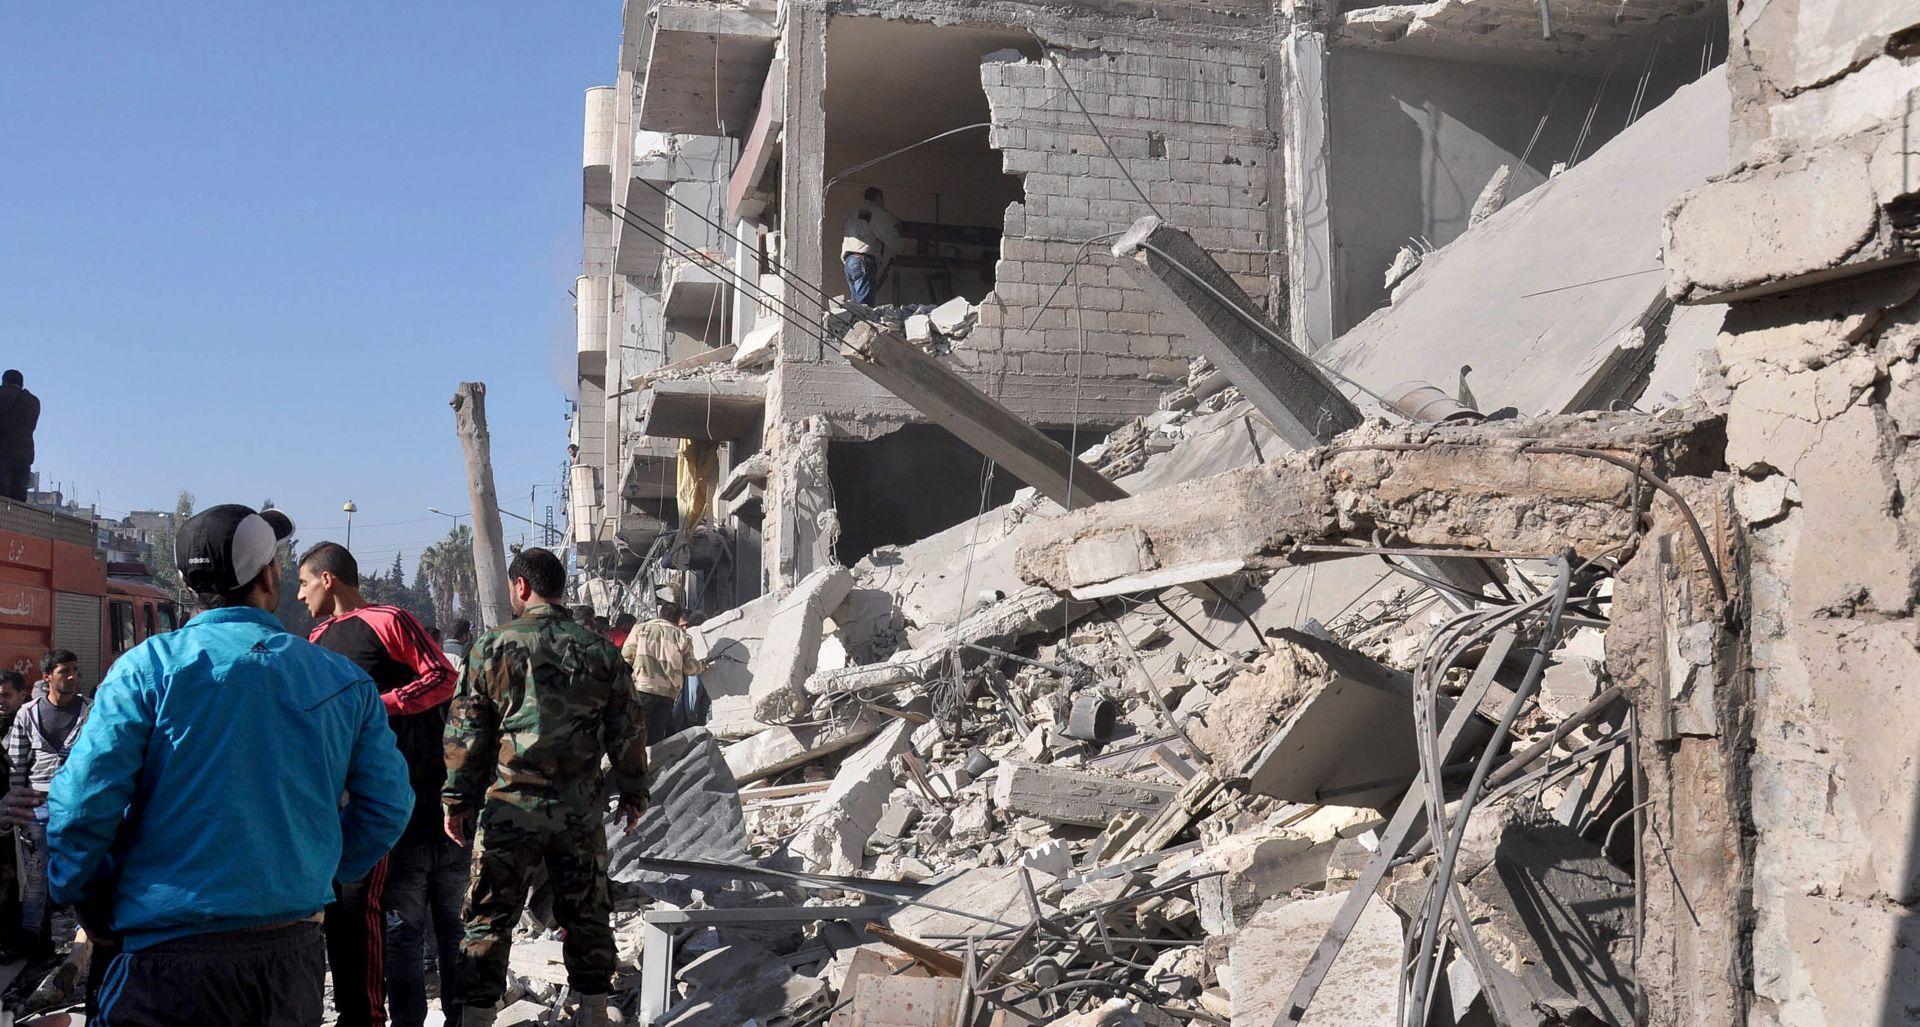 REŽIMSKE SNAGE: Sirijska vojska zauzela posljednje pobunjeničko uporište u Latakiji